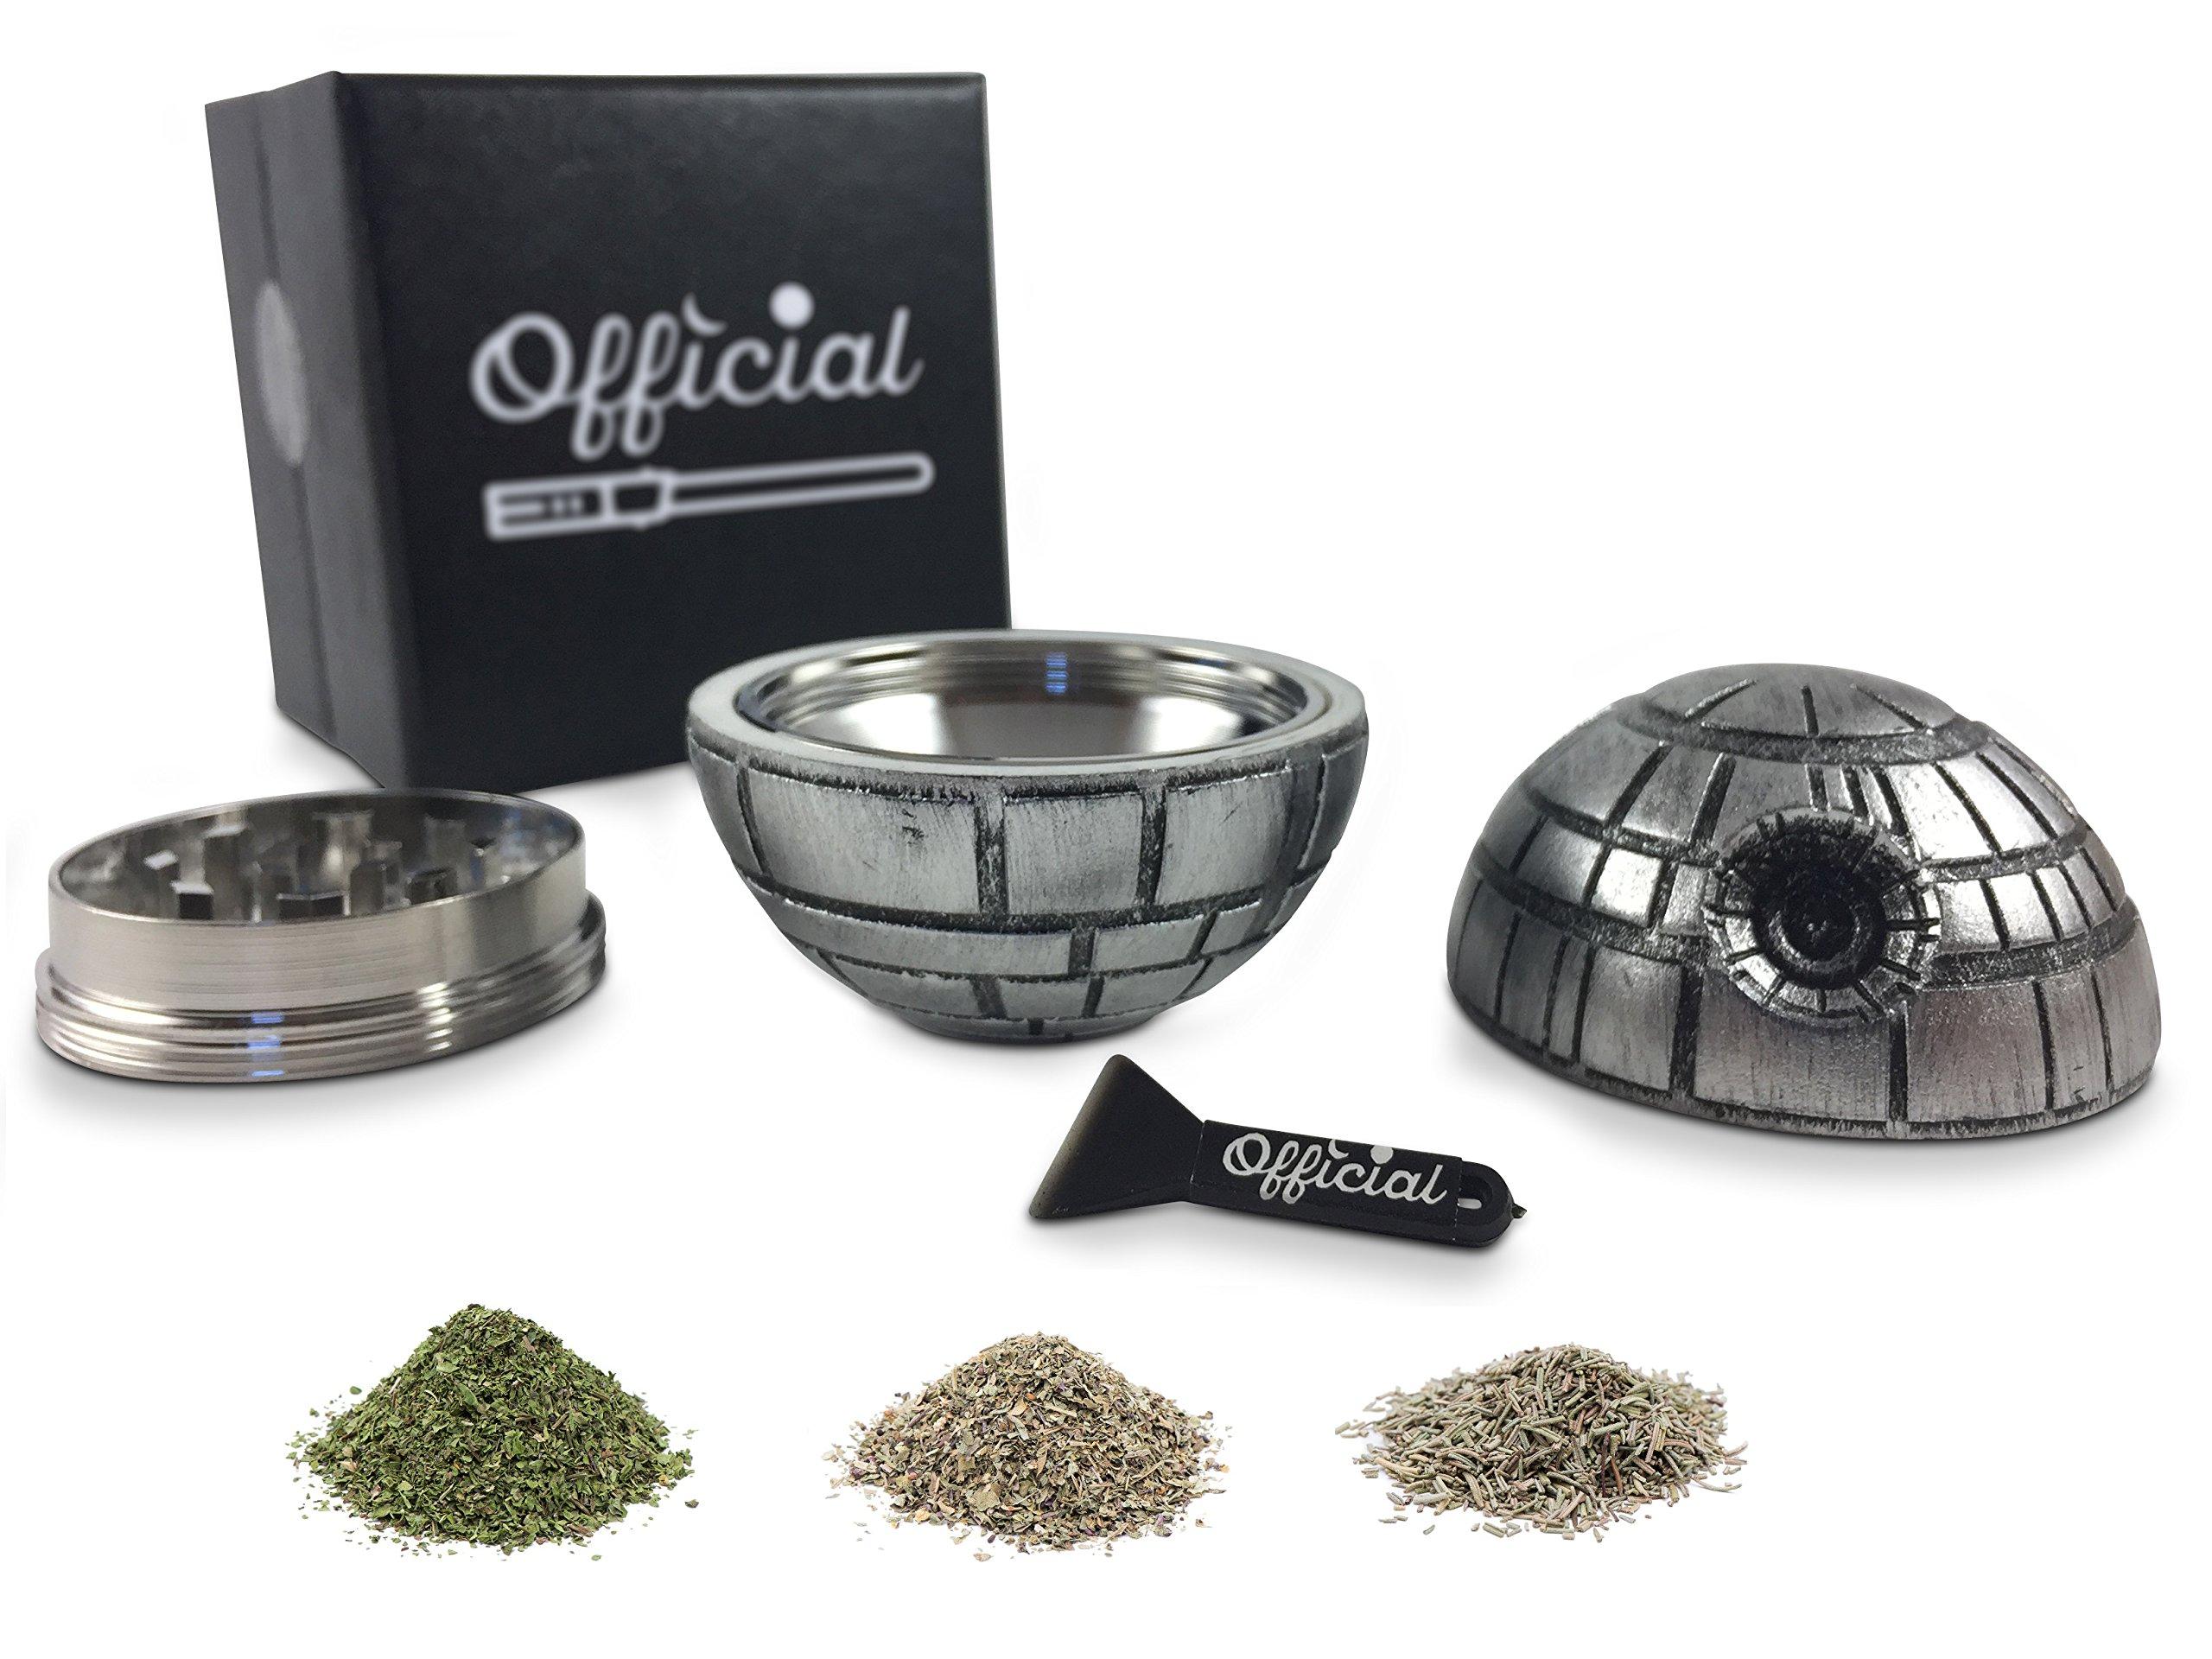 Official Death Star Herb Grinder - Star Wars Grinder With BONUS Pollen Scraper - Star Wars Gifts - Herb & Spice Tool With Pollen Catcher - 3 Part Grinder, 2.2 Inches